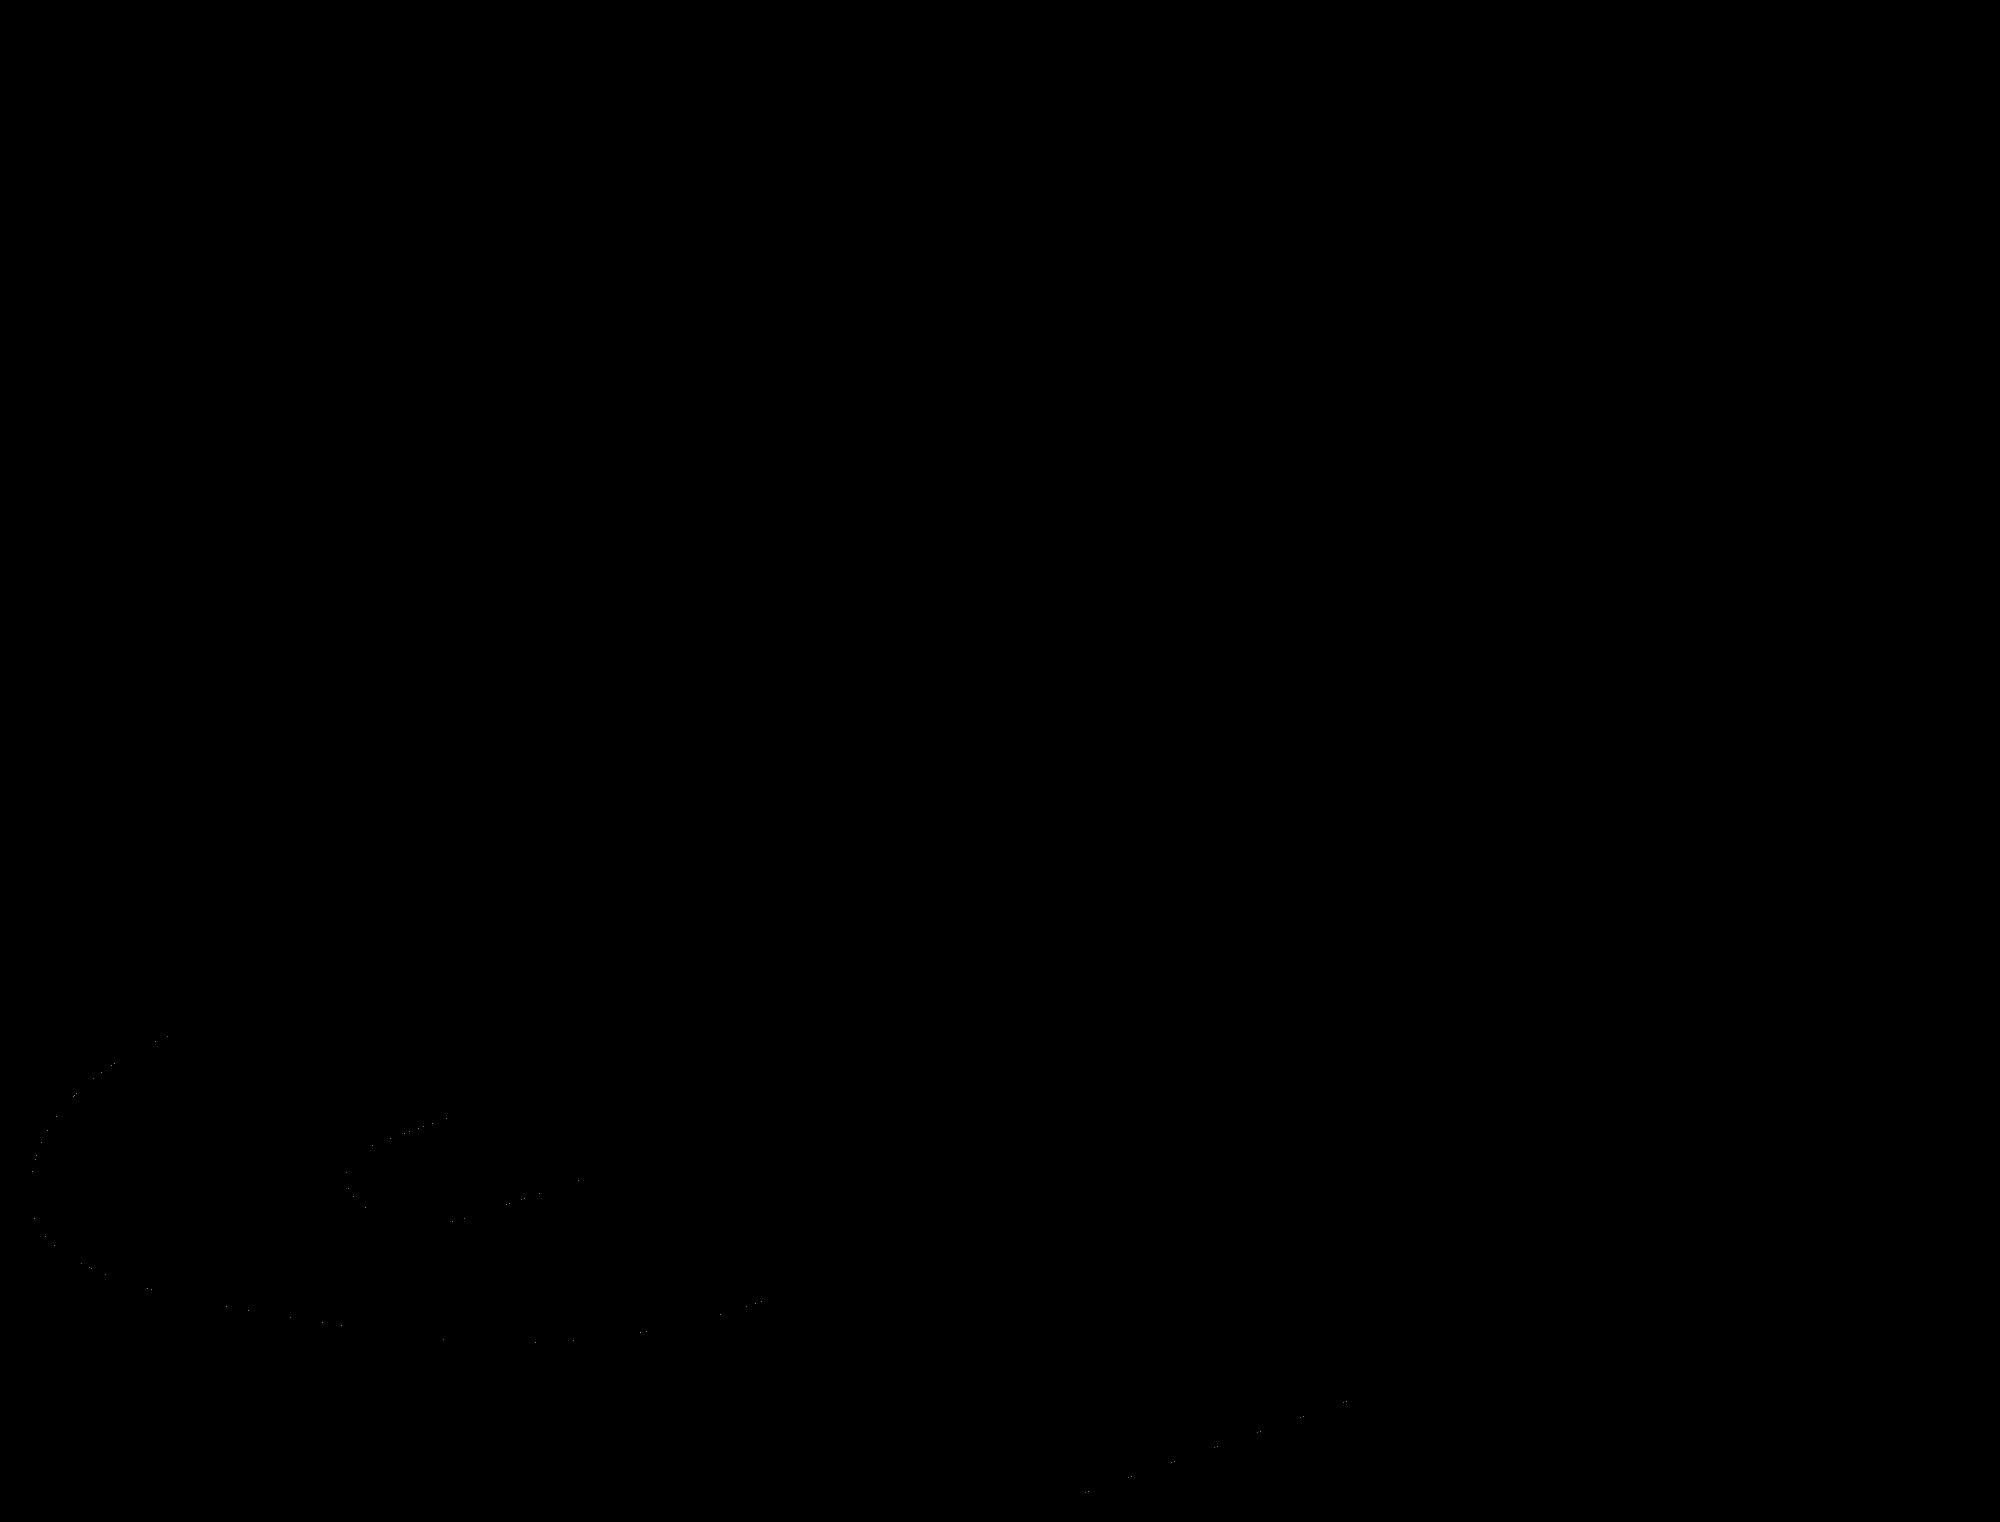 PlayStation.png - Playstation PNG